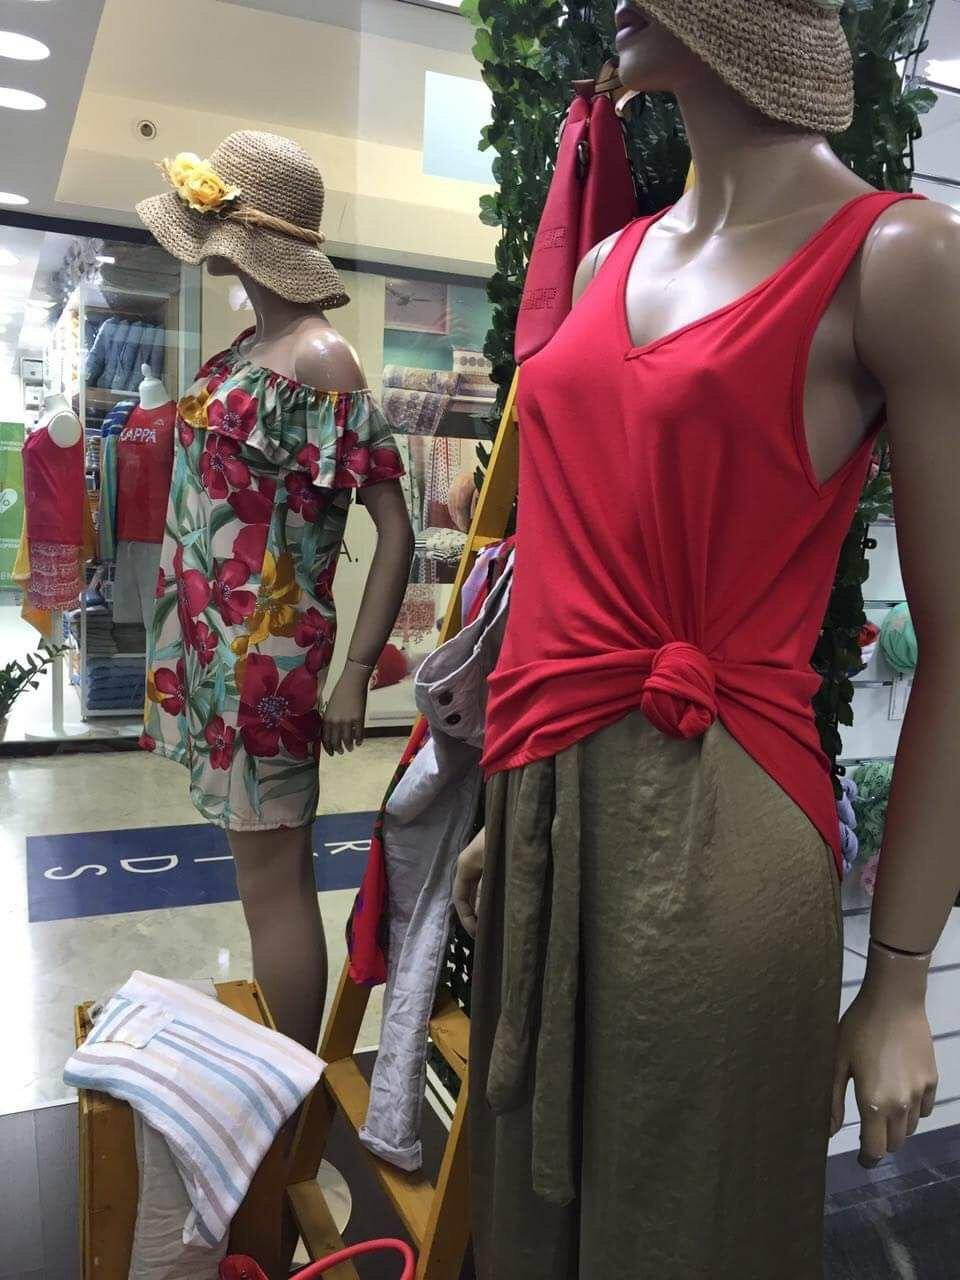 manichini con abiti femminili estivi